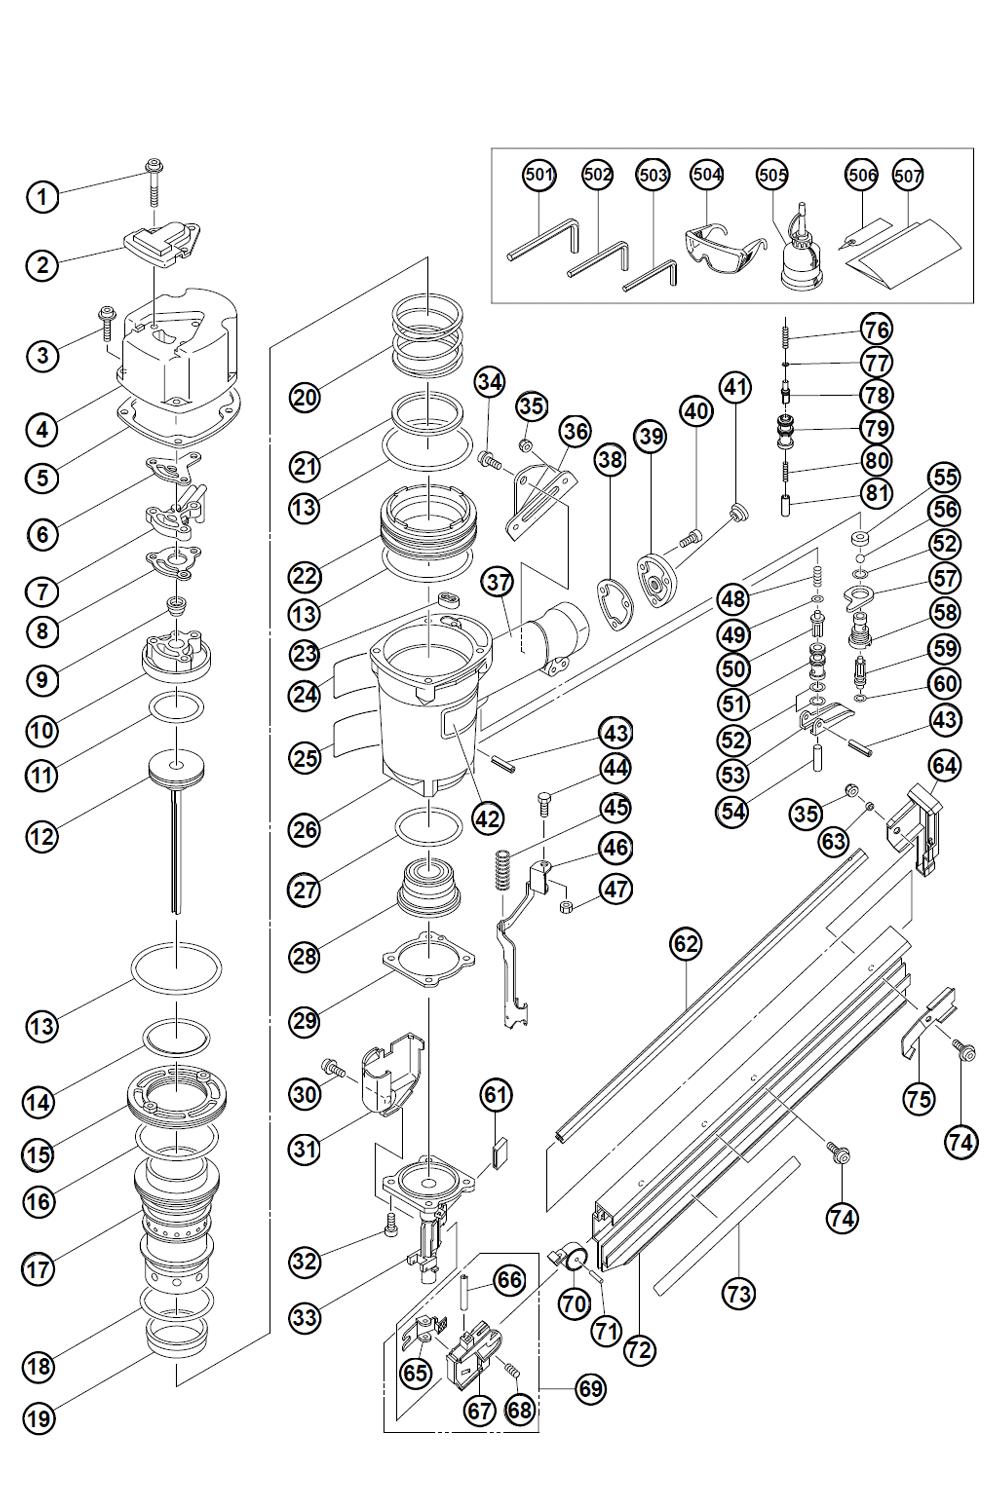 Hitachi framing nailer parts